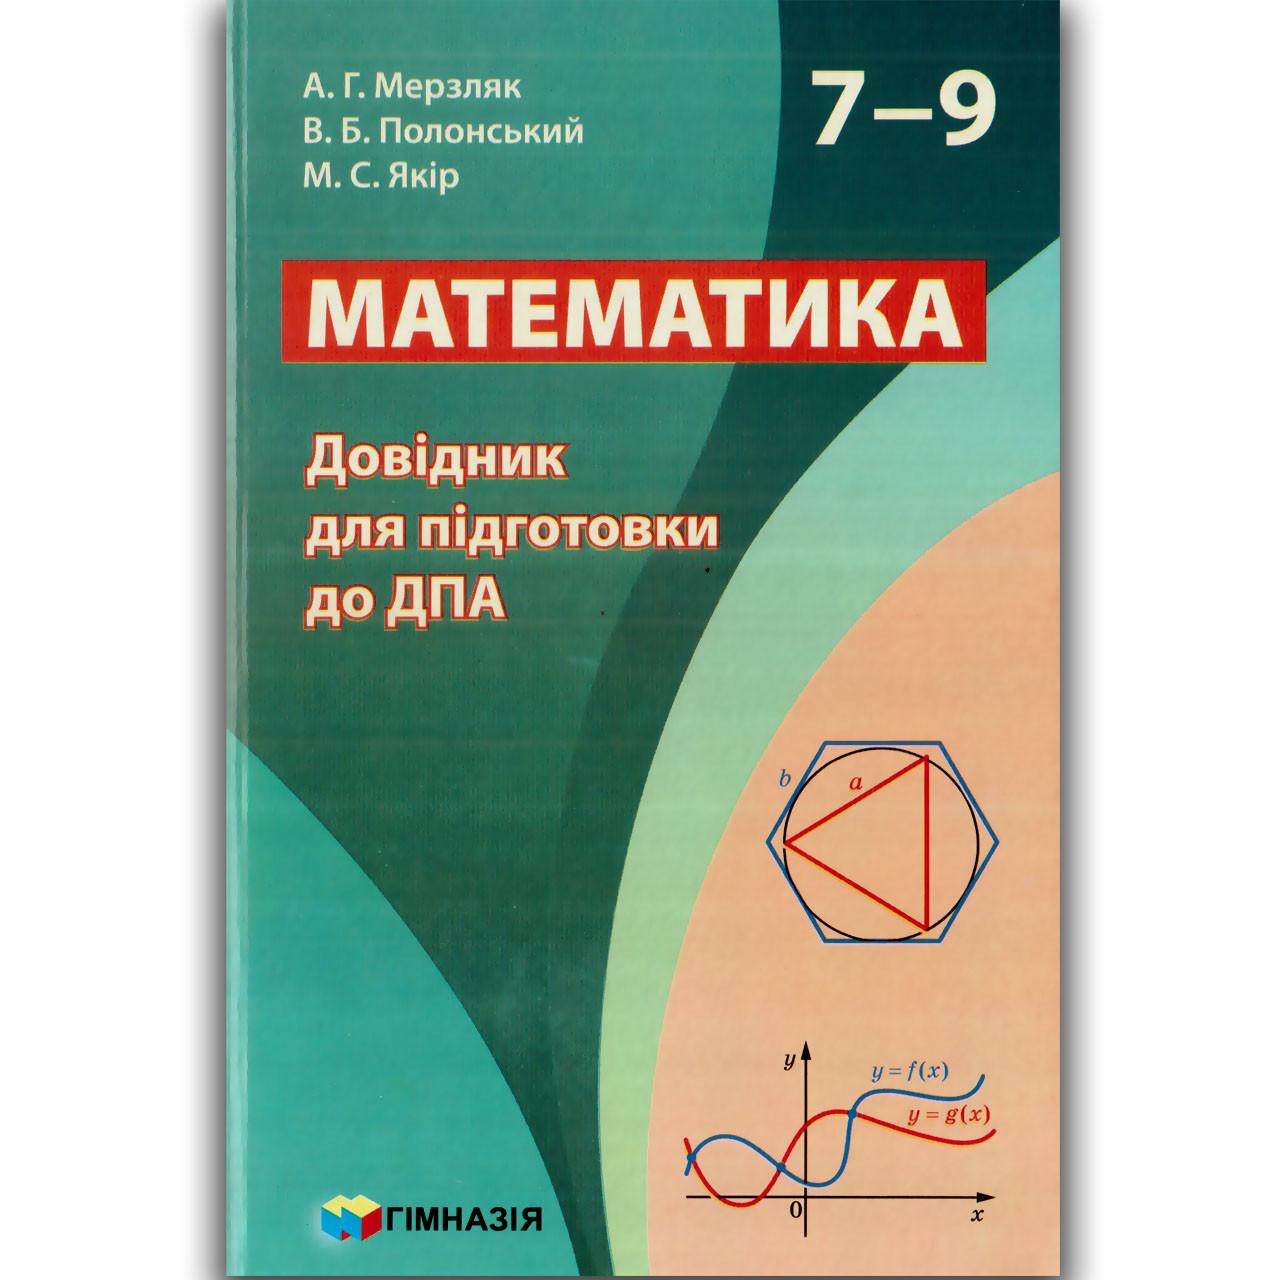 Математика 7-9 класи Довідник для підготовки до ДПА Авт: Мерзляк А. Вид: Гімназія